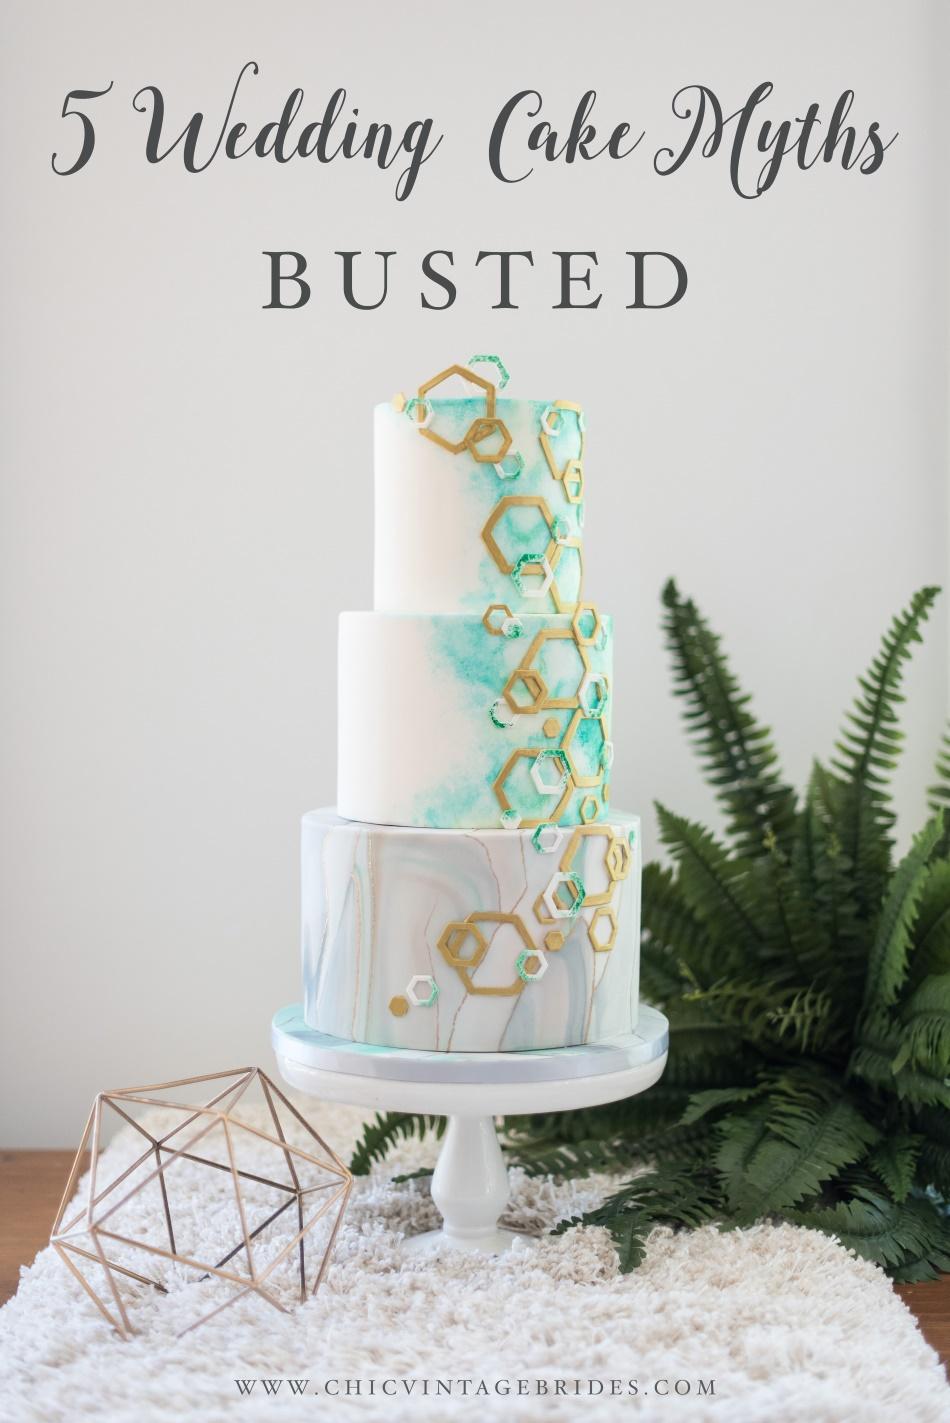 5 Wedding Cake Myths Busted